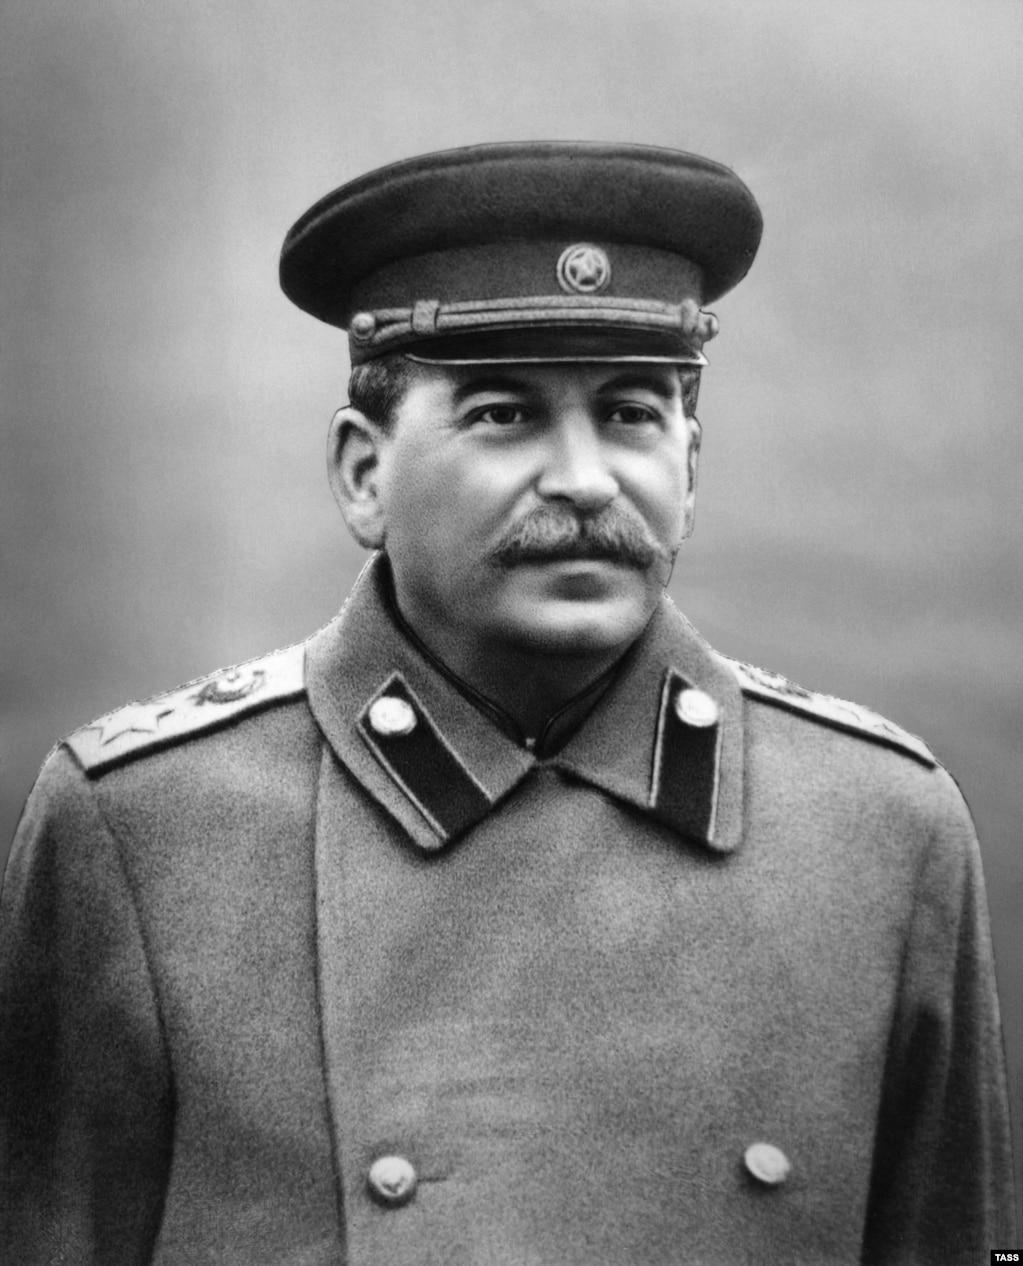 Хоць насамрэч твар Сталіна быў пакрыты сьлядамі ад воспы, на гэтым здымку з 1945 году ён мае гладкую скуру. Пасьля Другой Сусьветнай вайны рэтушаваньне зрабілася больш далікатным, і яго сьляды ўжо цяжэй заўважыць.